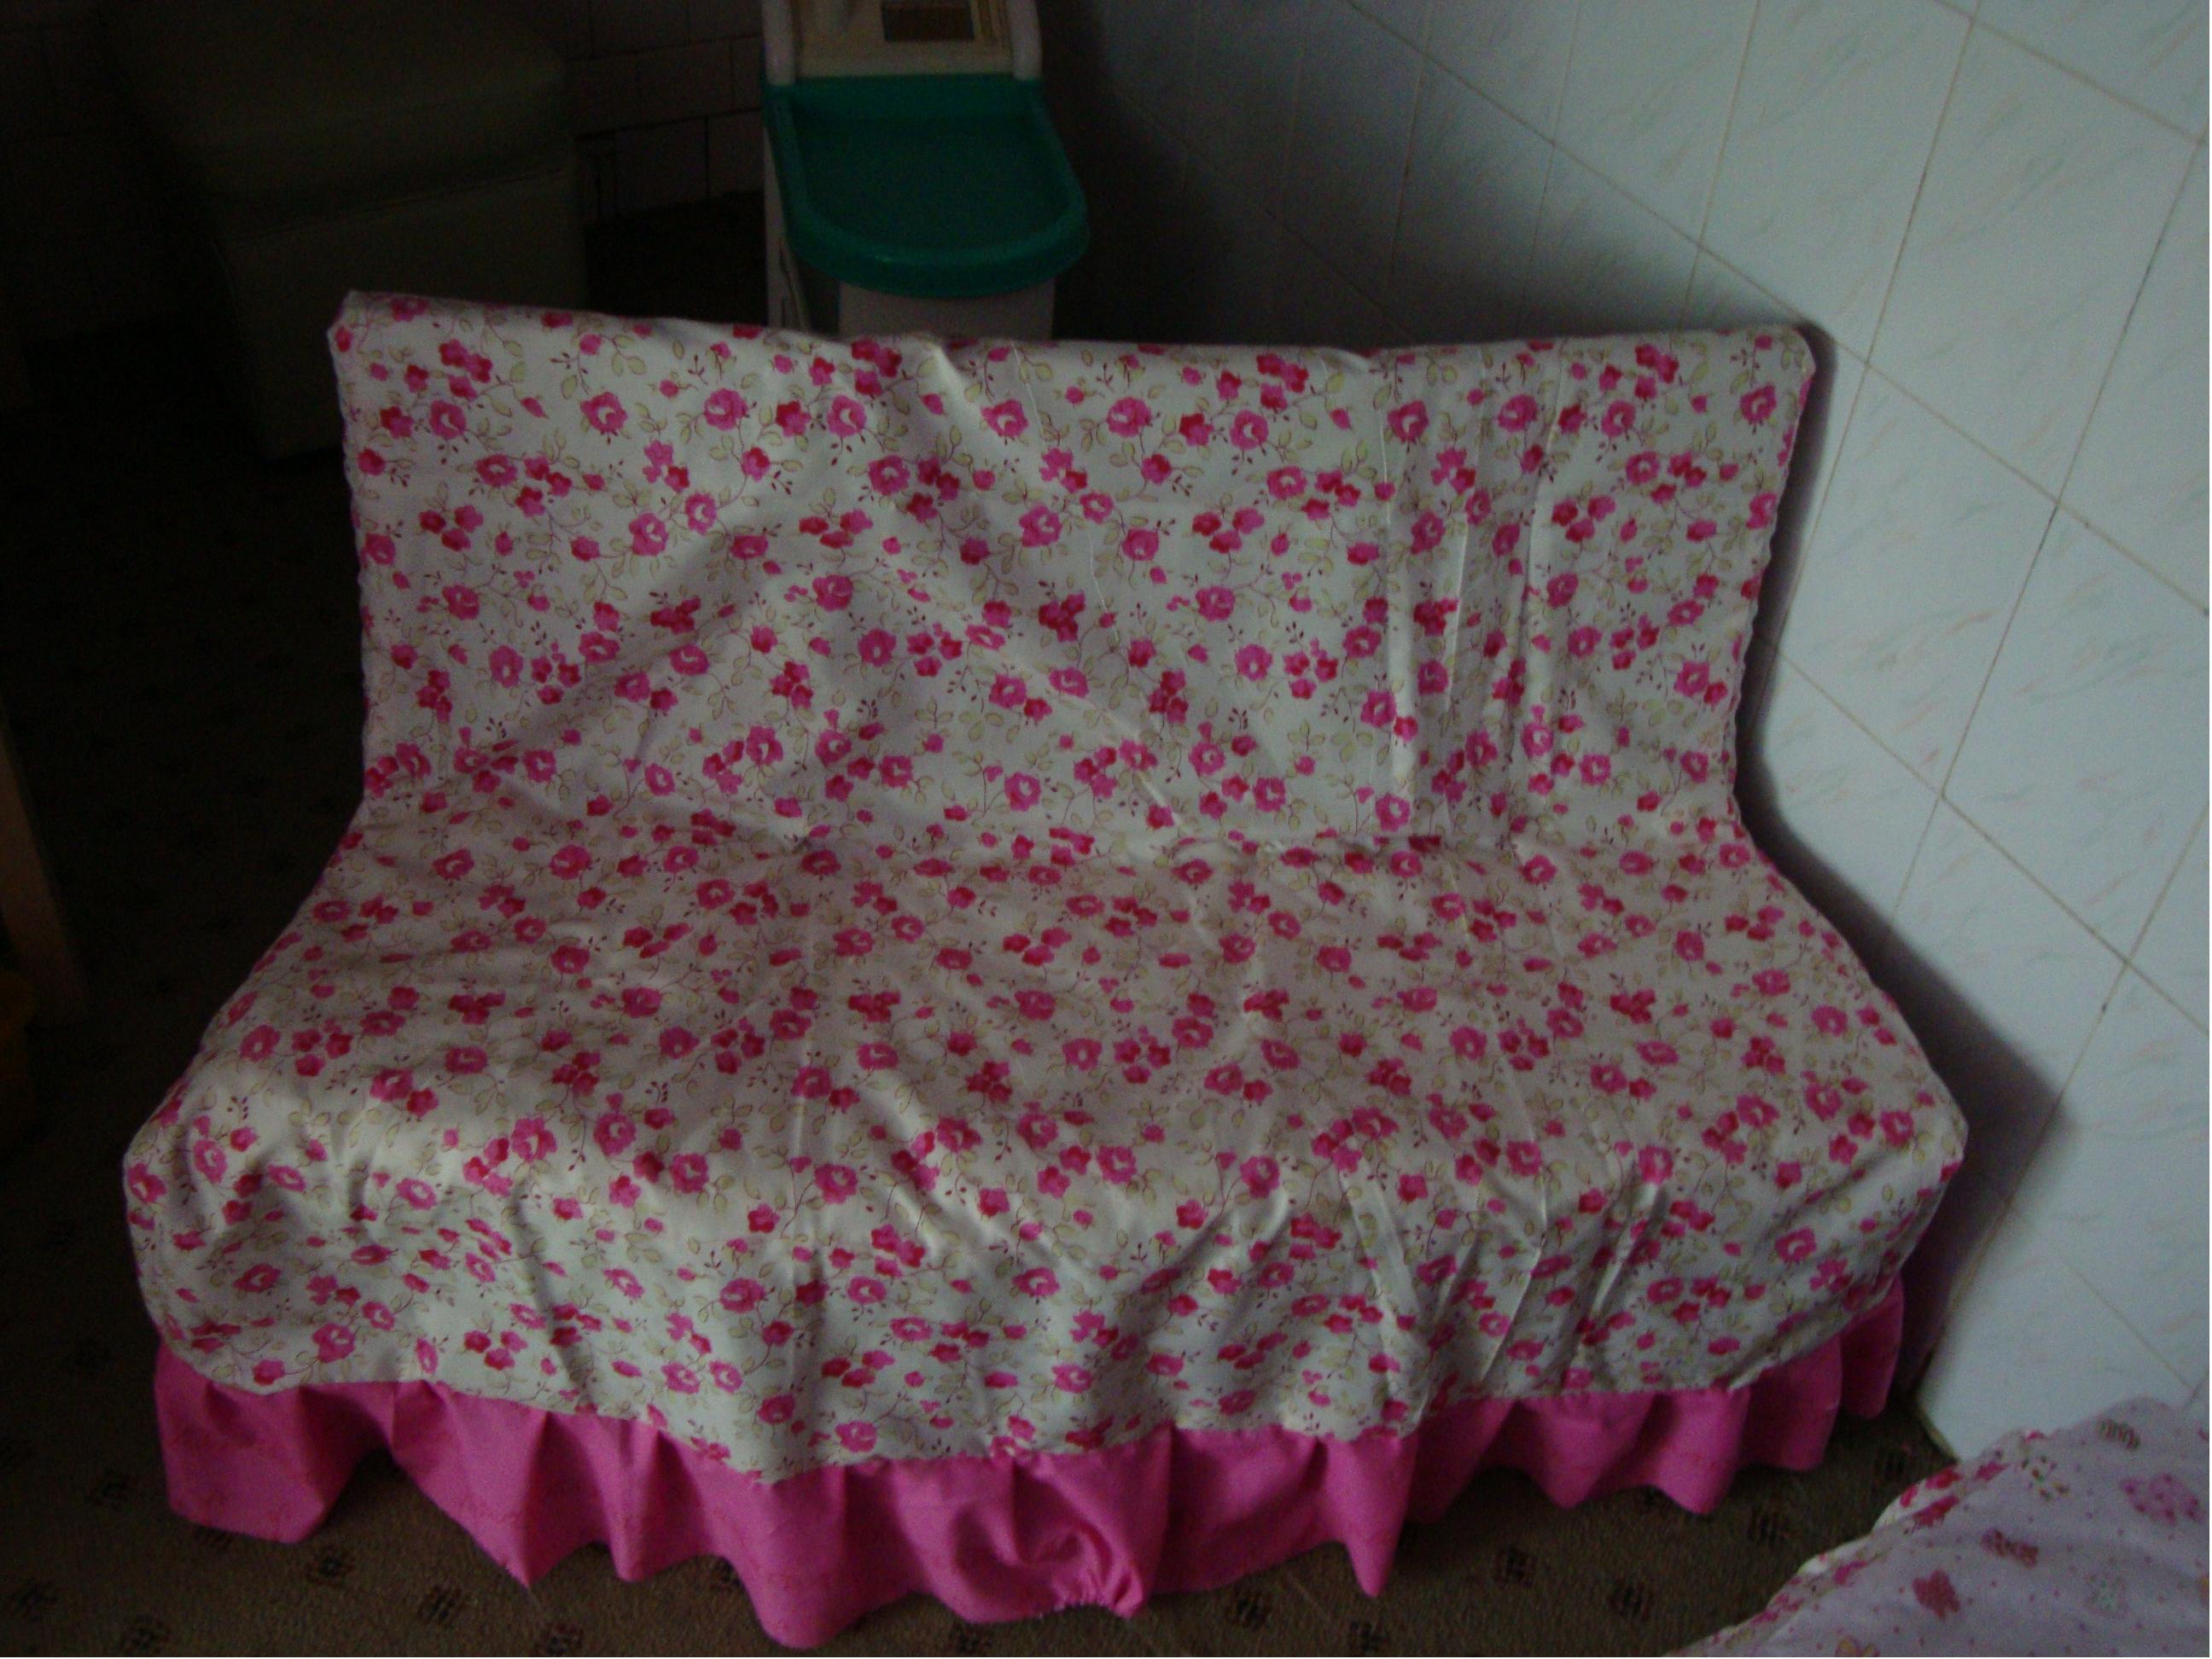 适用游戏:娃娃家游戏     适用年龄段:小、中、大班     制作材料:   木头小椅子、棉花、布料一段、剪刀、针线、双面胶、绳子或铅丝   制作要点:   把几张小椅子拼在一起,并在凳脚处用绳子或铅丝绑牢固,拼成沙发样子。再在凳面上贴上双面胶,把棉花平整的贴于凳面。最后用布料裁剪成沙发罩子套在沙发上,并用针线进行缝补。一张三人沙发就做好了。   设计思路:   班内因为环境的影响,沙发摆放不了,因此,在楼梯转角处设置了这个三人沙发。因为在生活中,每个家庭的客厅都会有色彩鲜艳、不同色彩的沙发。这个用布缝